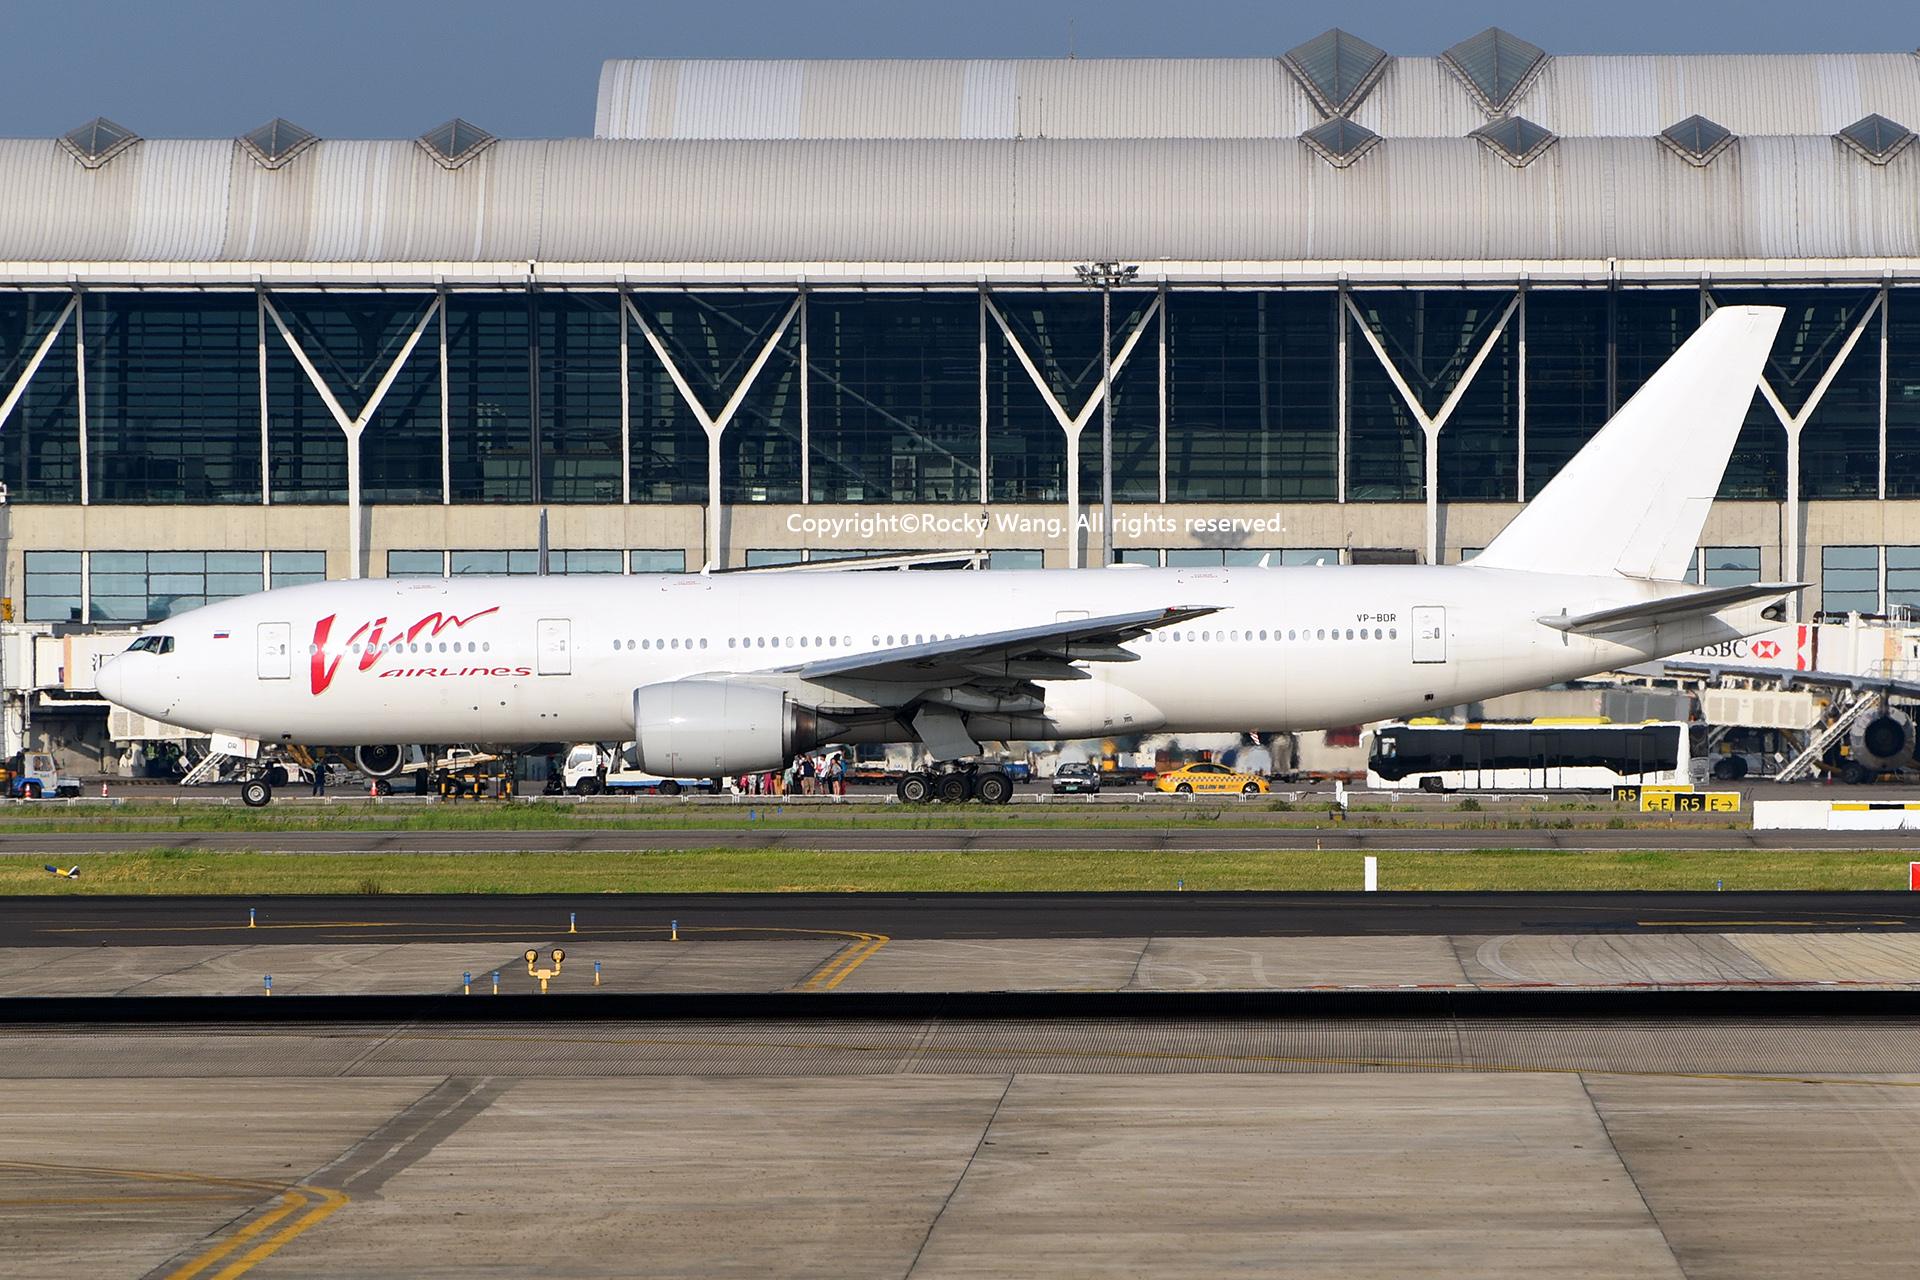 Re:[原创]居家了 批量处理老图 倾情奉献52家777 BOEING 777-212(ER) VP-BDR Shanghai Pudong